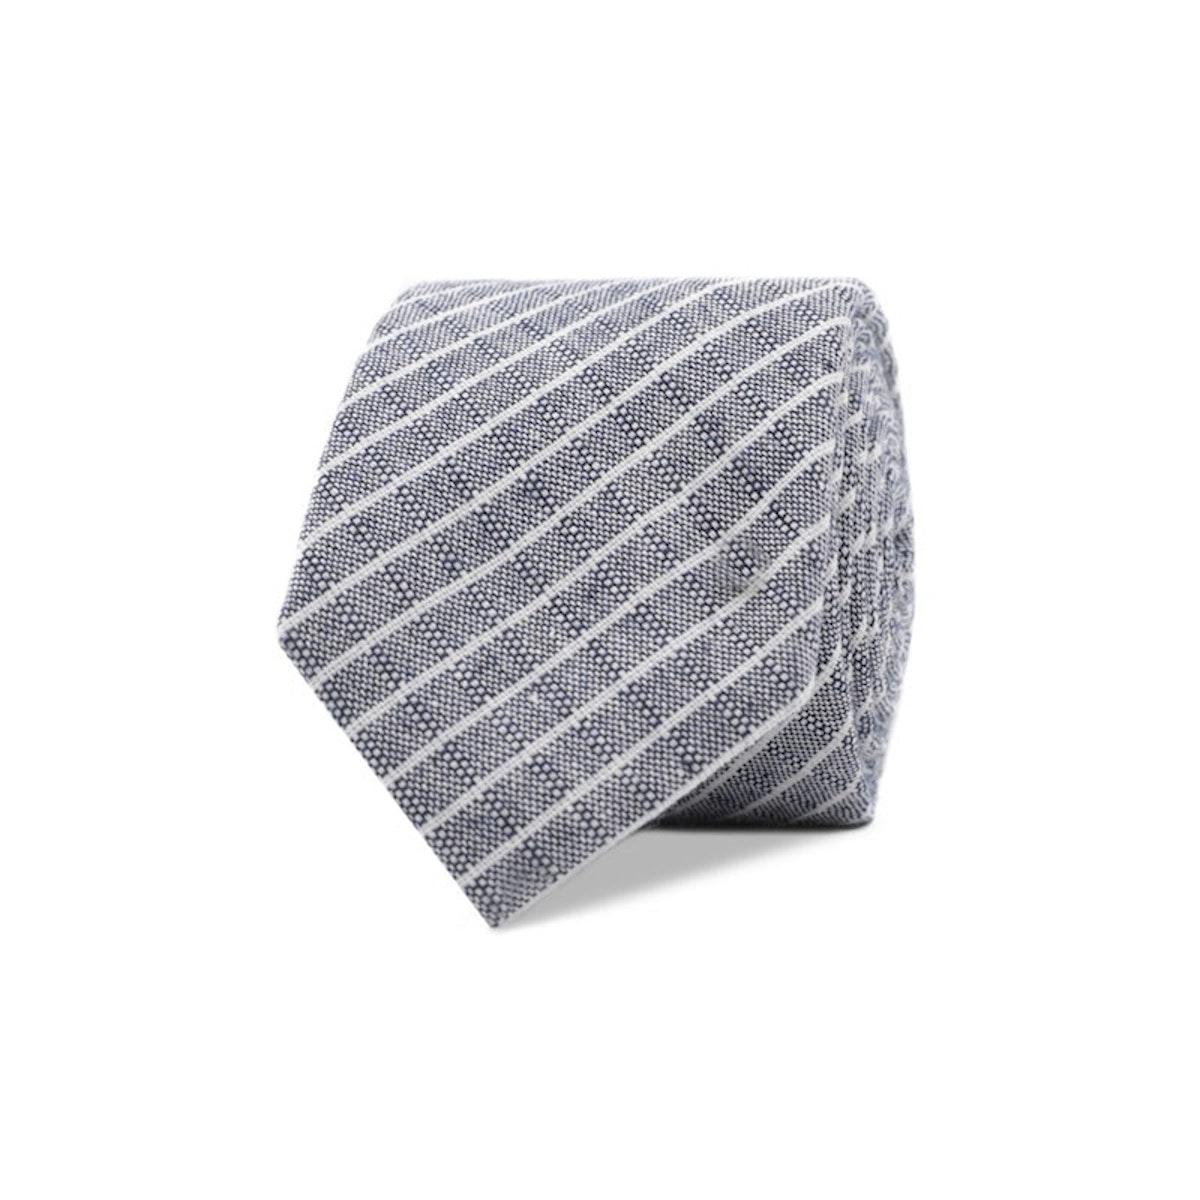 InStitchu Essentials Accessories Tie Manly Grey and White Pinstripe Cotton Tie